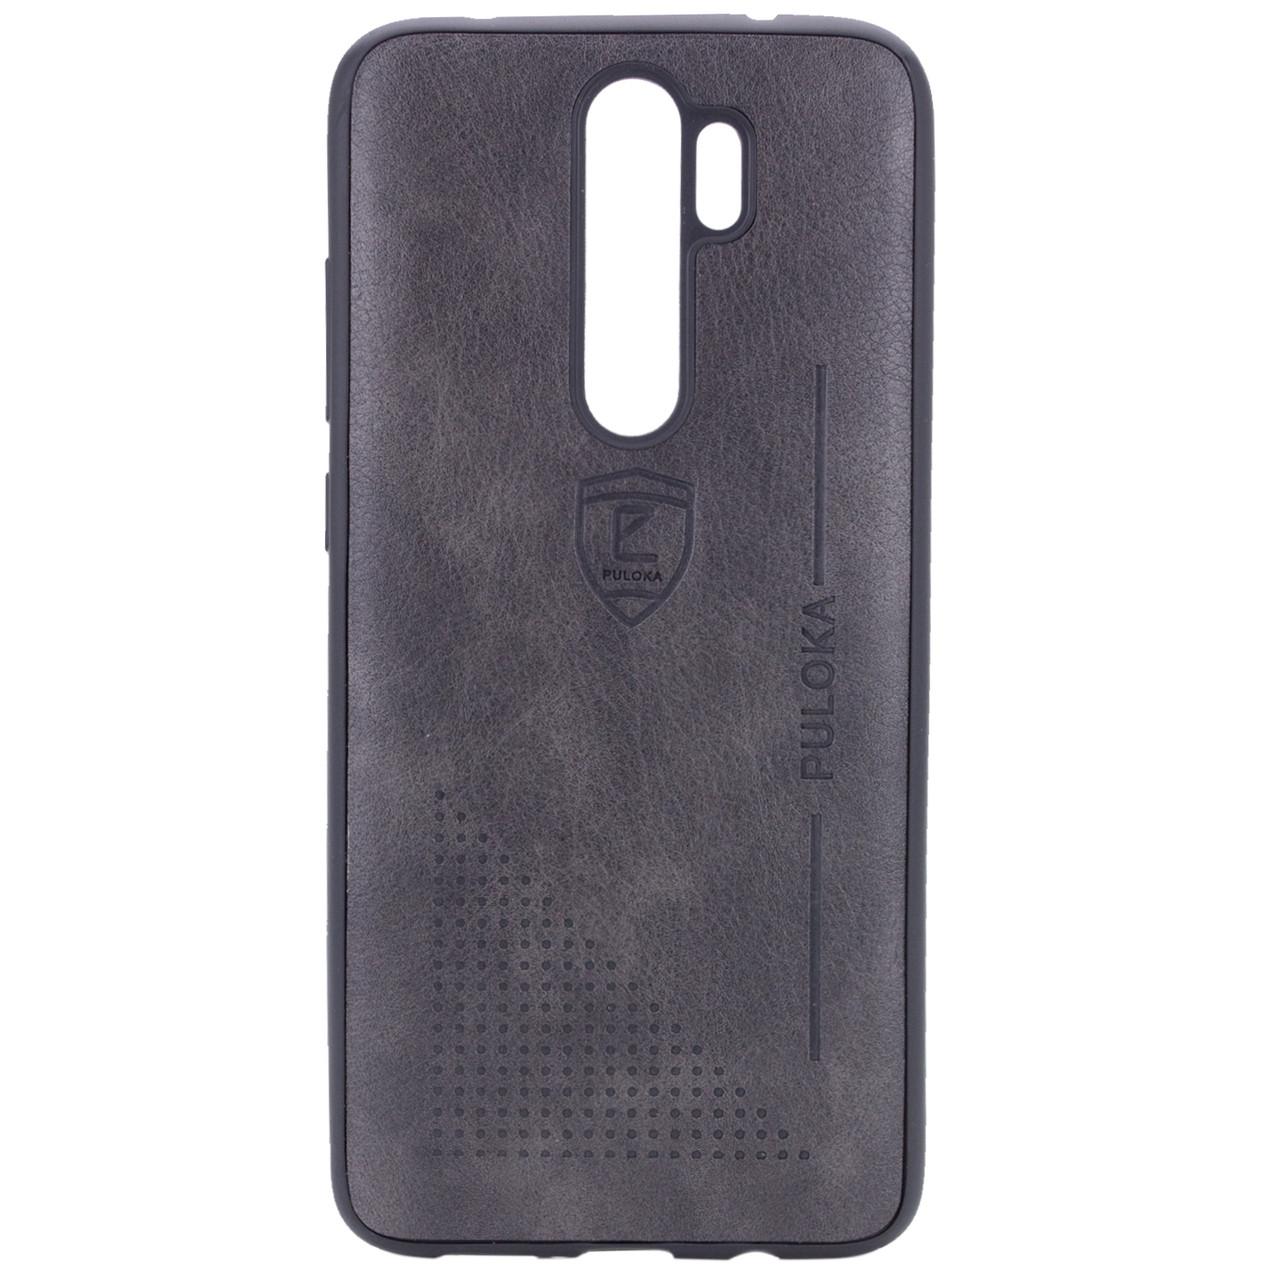 Кожаный чехол-накладка PULOKA Desi для Xiaomi Redmi Note 8 Pro